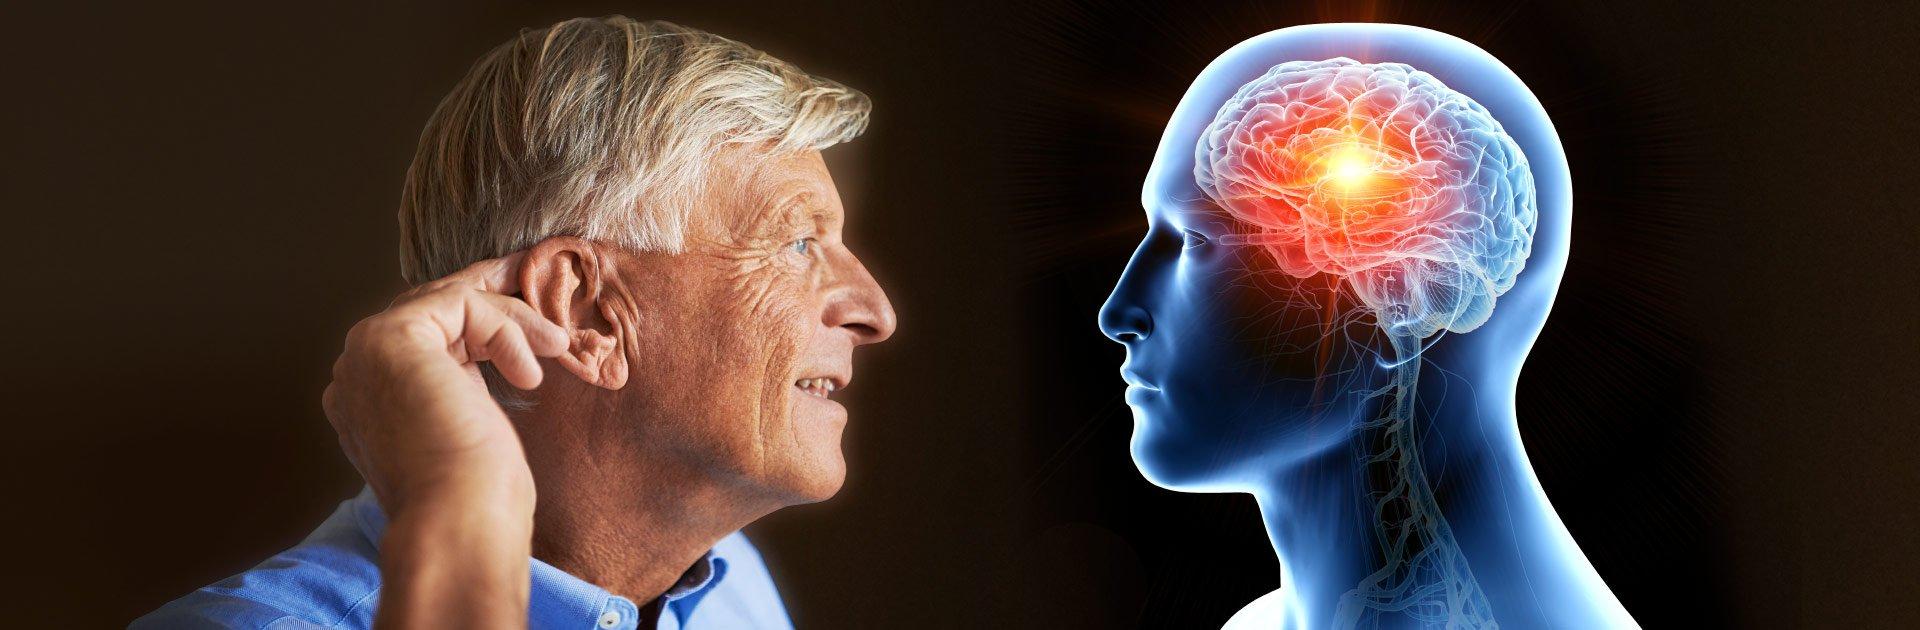 Santé auditive et déclin cognitif